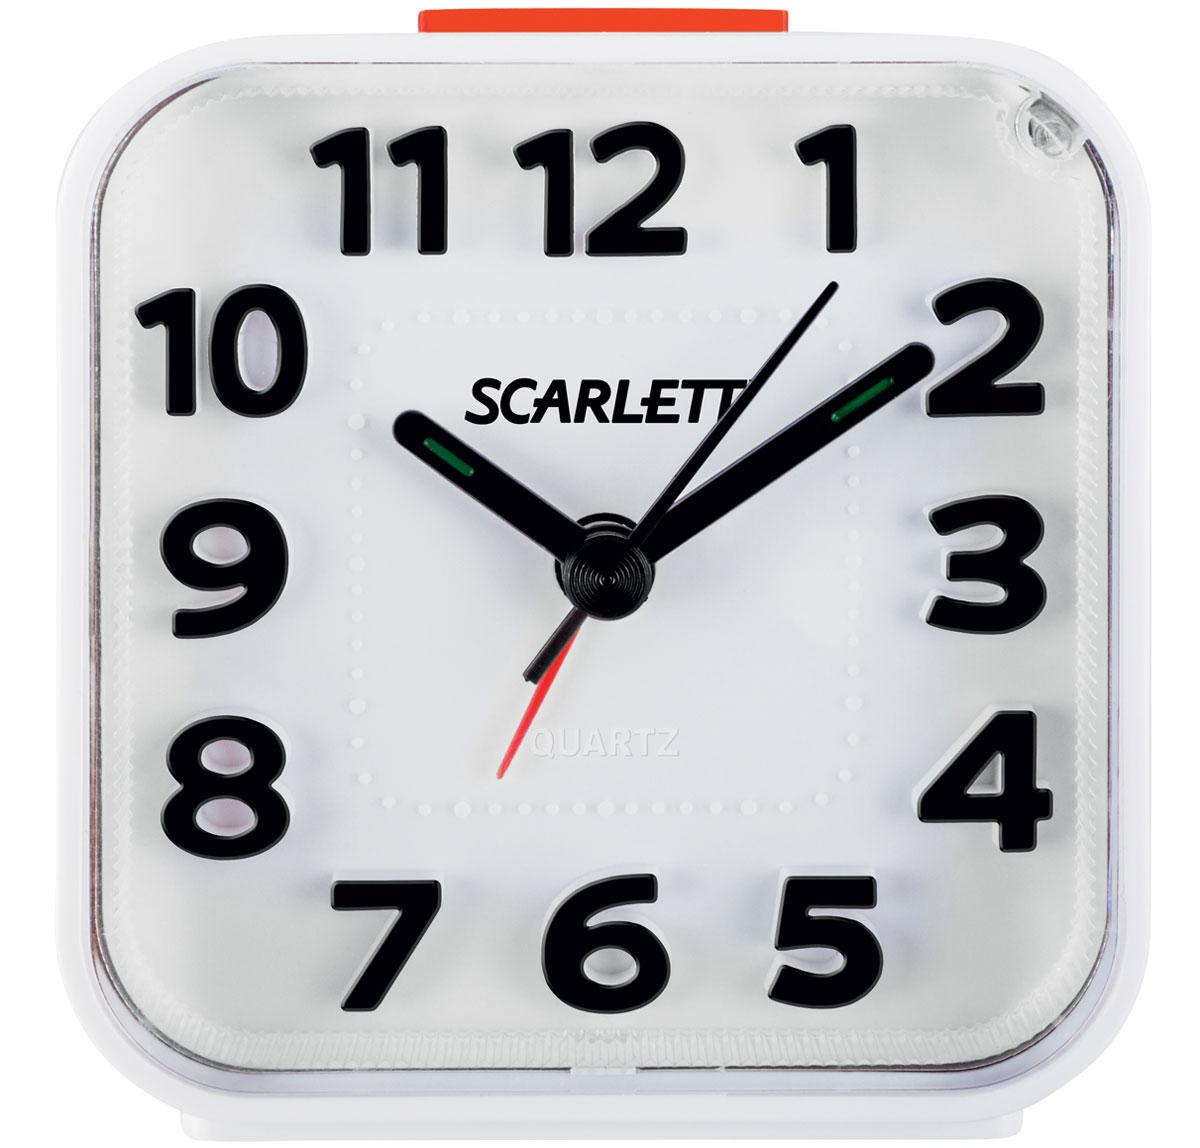 Scarlett SC-AC1012W, White будильник электронныйSC-AC1012WБудильник Scarlett SC-AC1012W имеет надежный кварцевый часовой механизм и плавный бесшумный ход. Данная модель также оснащена встроенной функцией подсветки и повтора сигнала (Snooze). Питание осуществляется от одной батарейки типа АА (в комплект не входит).